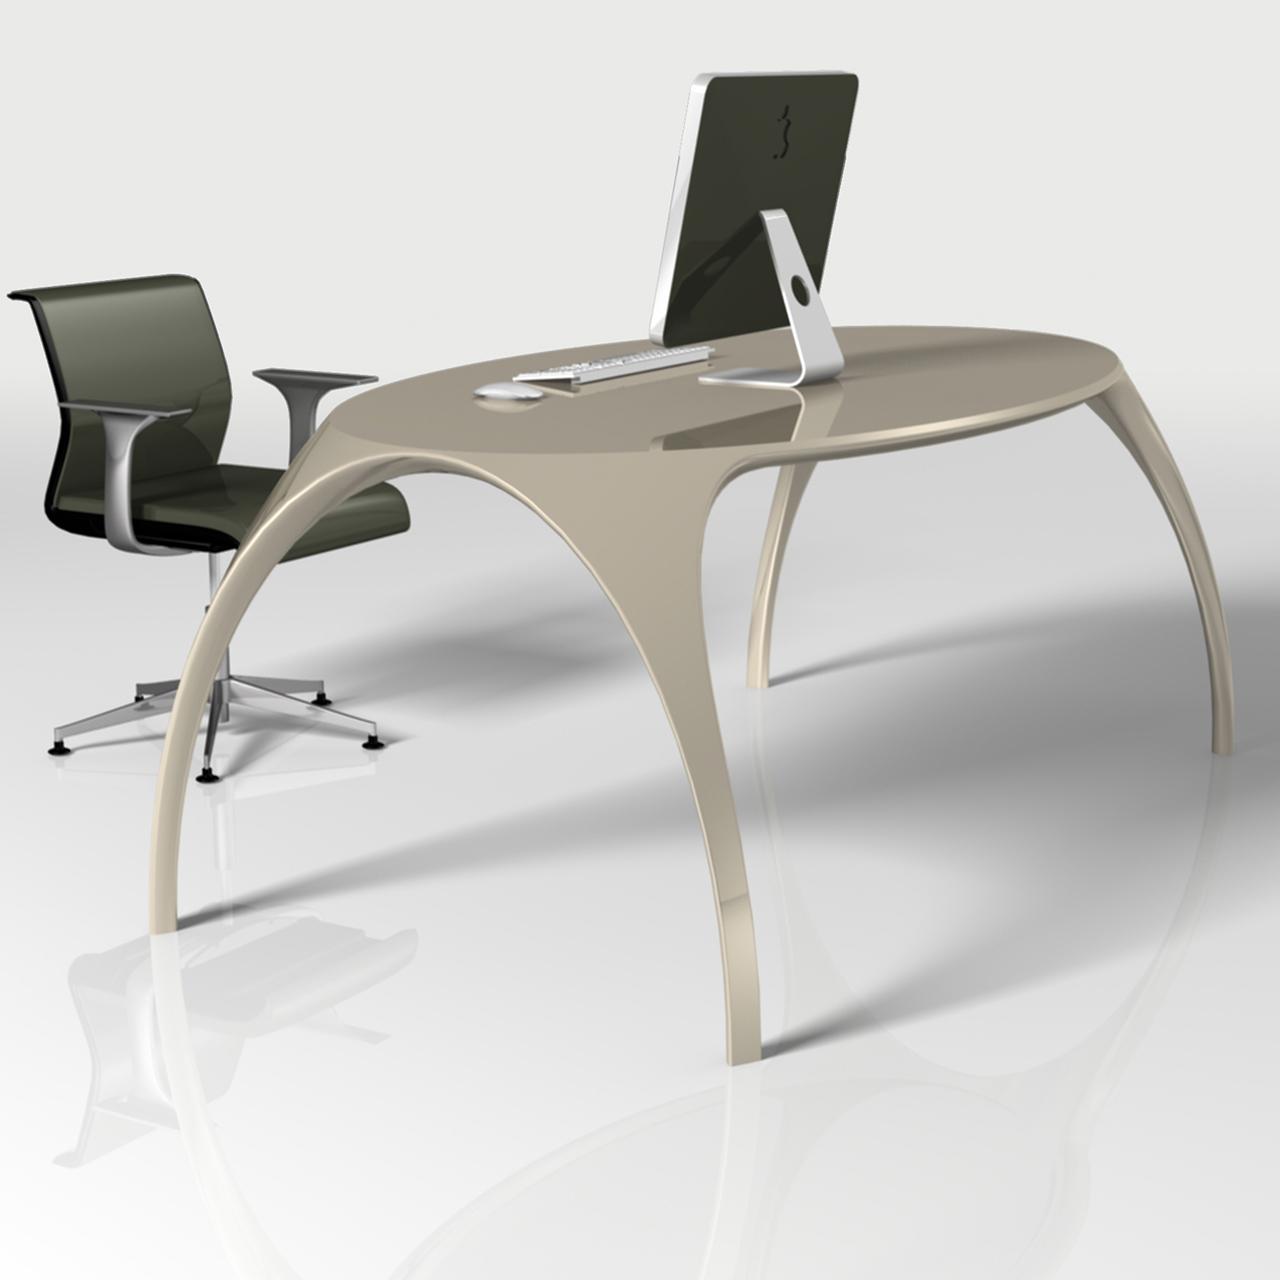 Tavolo Lieve_designer Ugo Pagliaro per Zad Italy 2